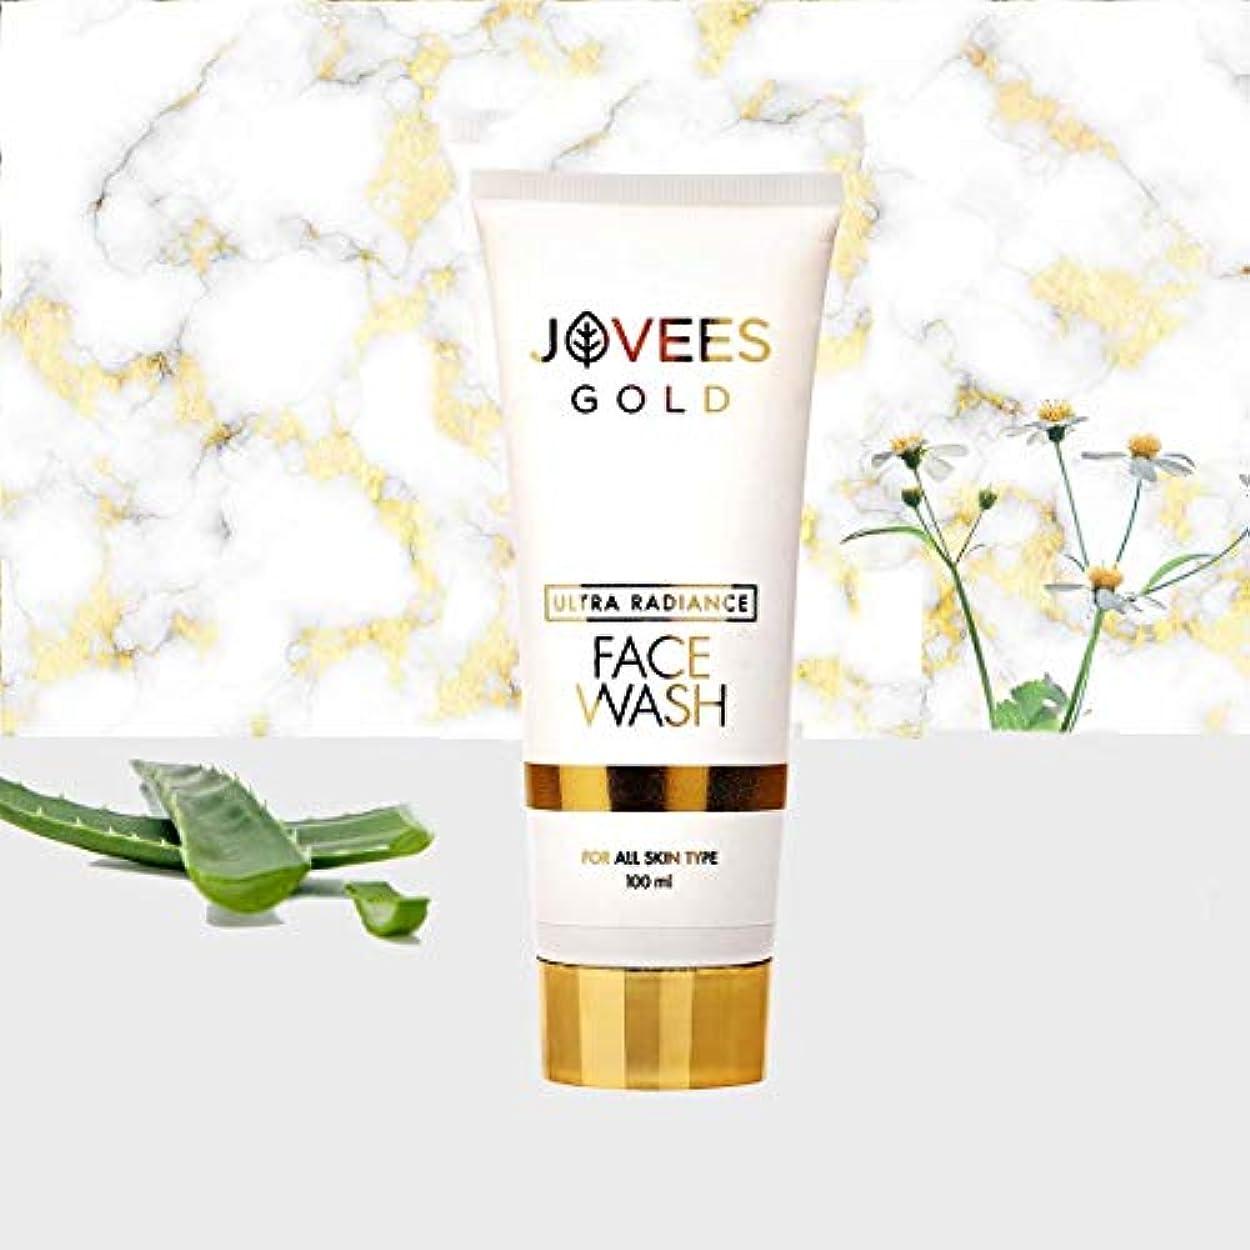 民族主義圧縮物足りないJovees Ultra Radiance 24K Gold Face Wash 100ml to help bring glow and radiance 輝きと輝きをもたらすのを助けるためにJovees Ultra...